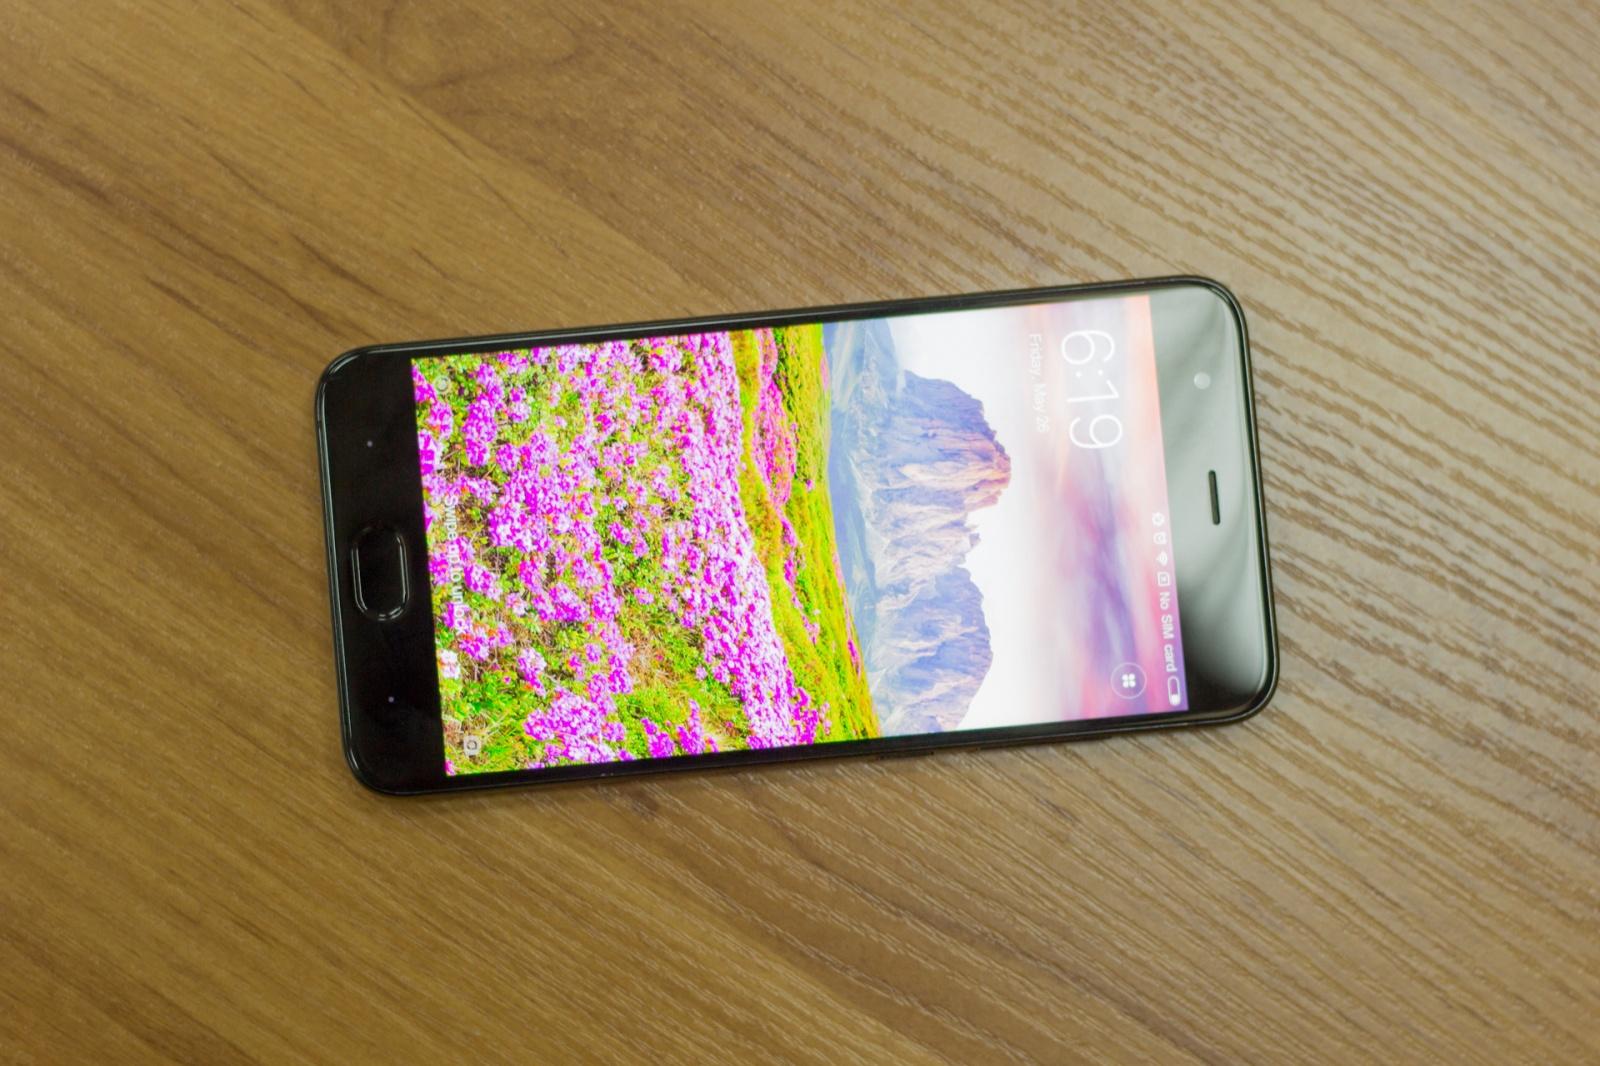 Обзор Xiaomi Mi6. Настоящий флагман за полцены, и при этом не совсем лопата - 1